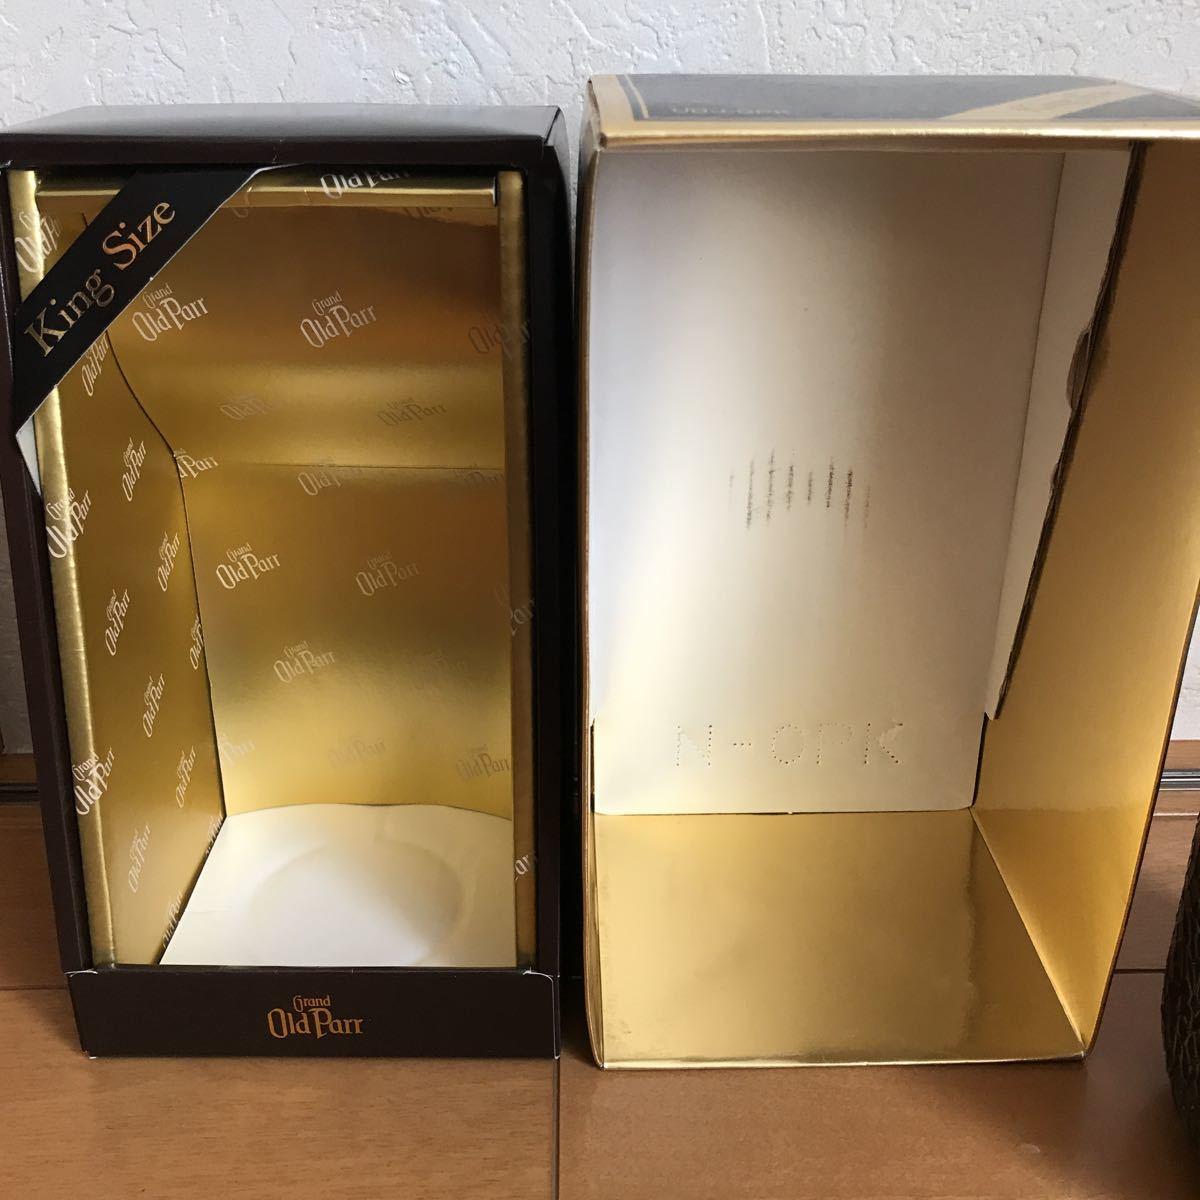 新品 未開封 古酒 グランド オールドパー 12年 43% 1l 箱入り キングサイズ_画像4